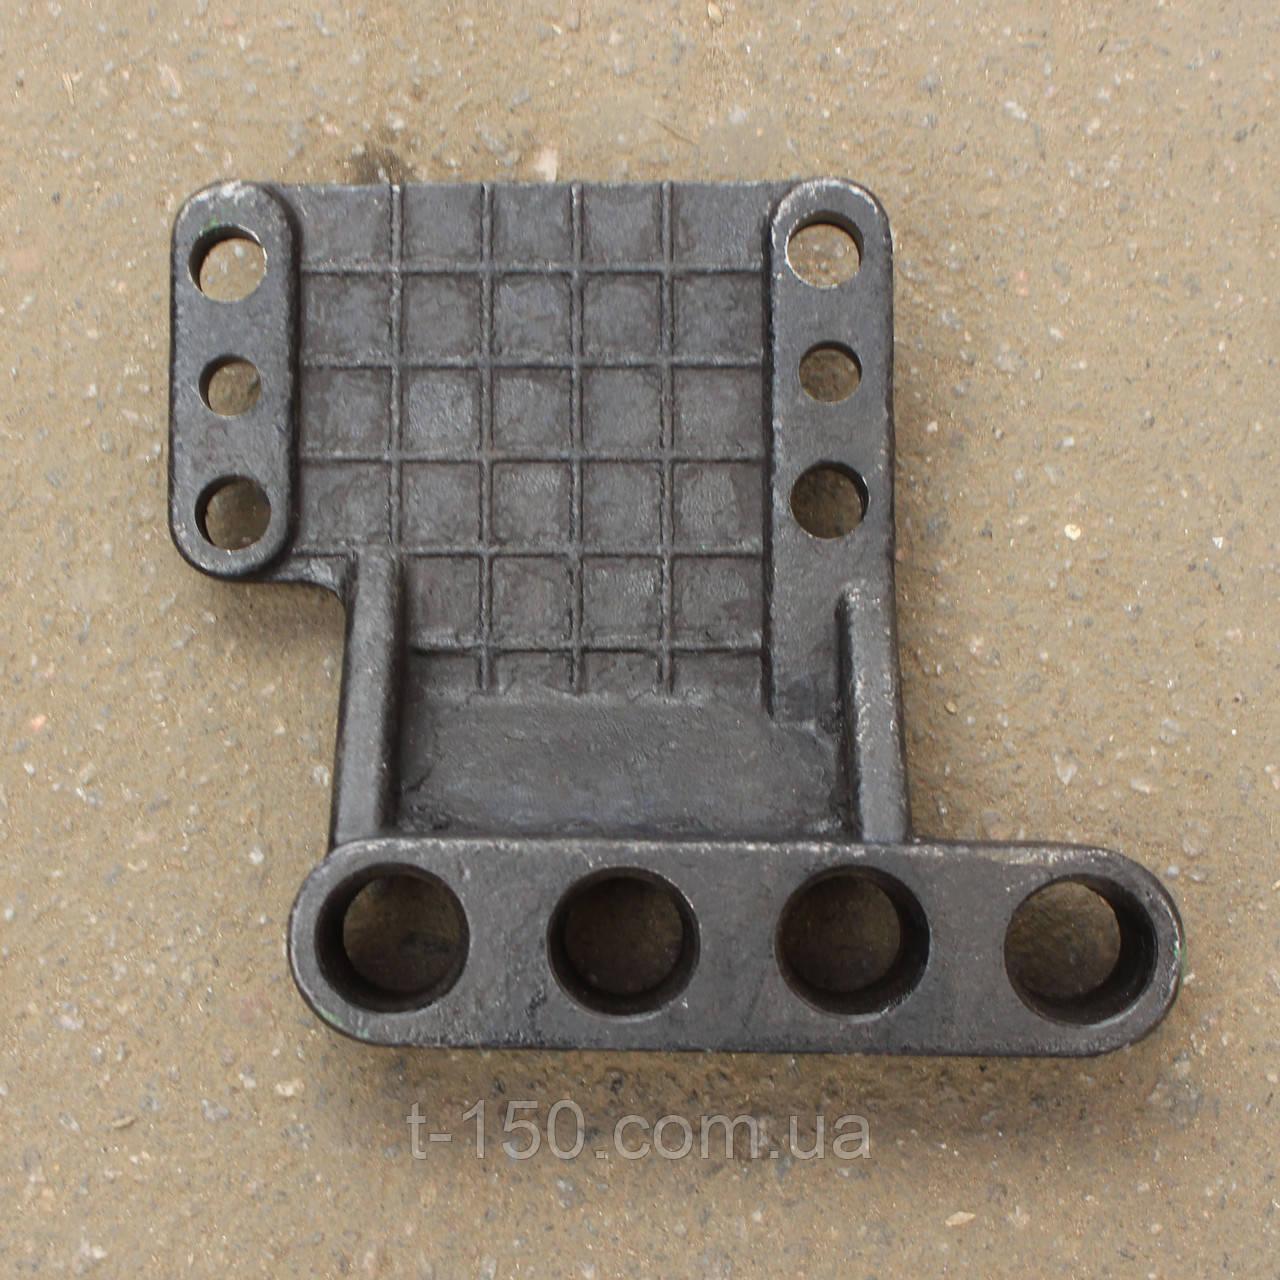 Кронштейн гидроцилиндра поворота МТЗ-80 (Ф80-3001011)